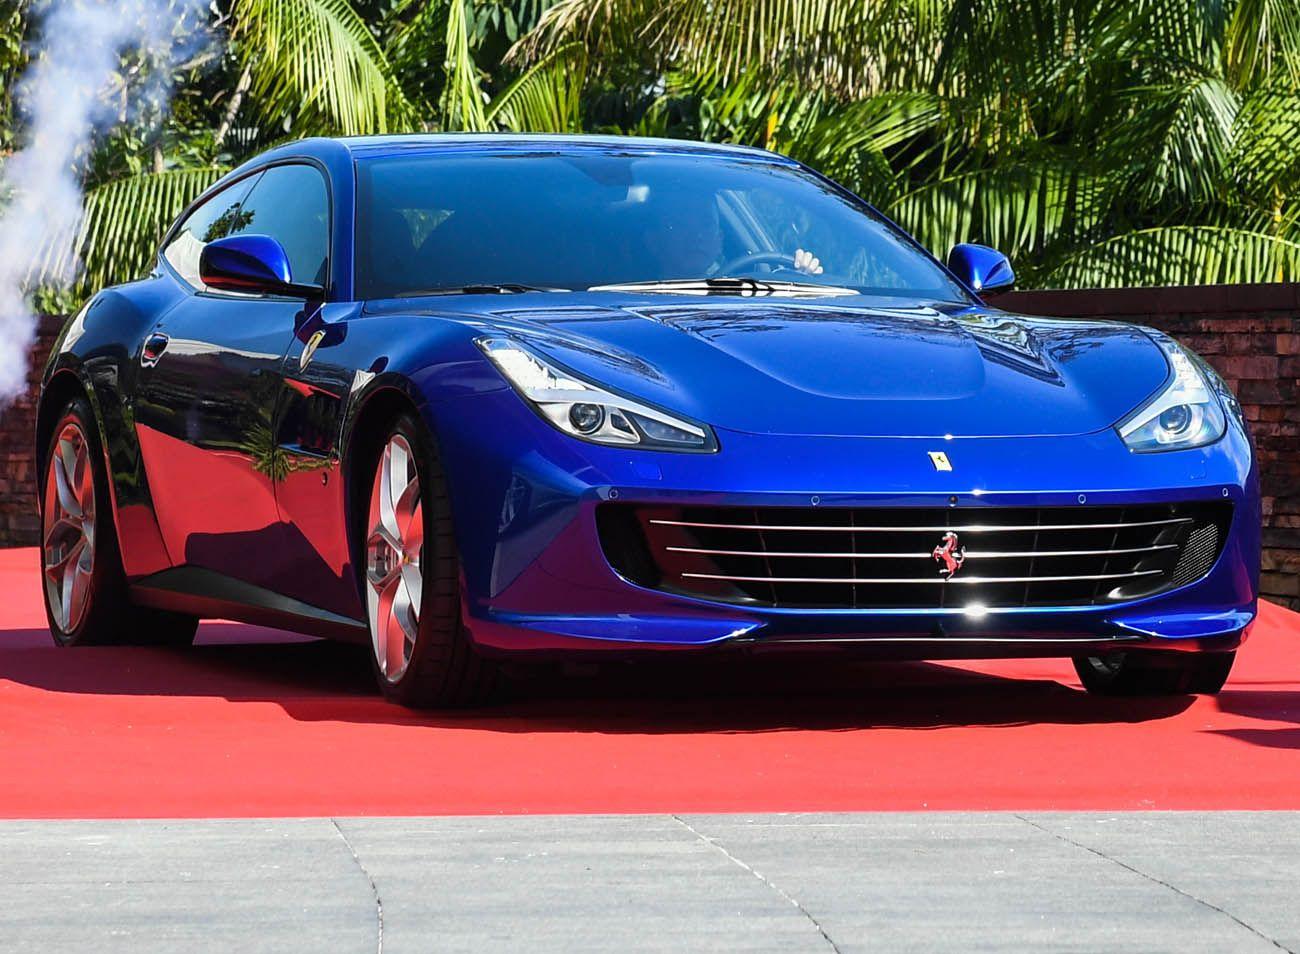 فيراري جي تي سي 4 لوسو تي حصان التوربو الجامح موقع ويلز Ferrari Car Bmw Car